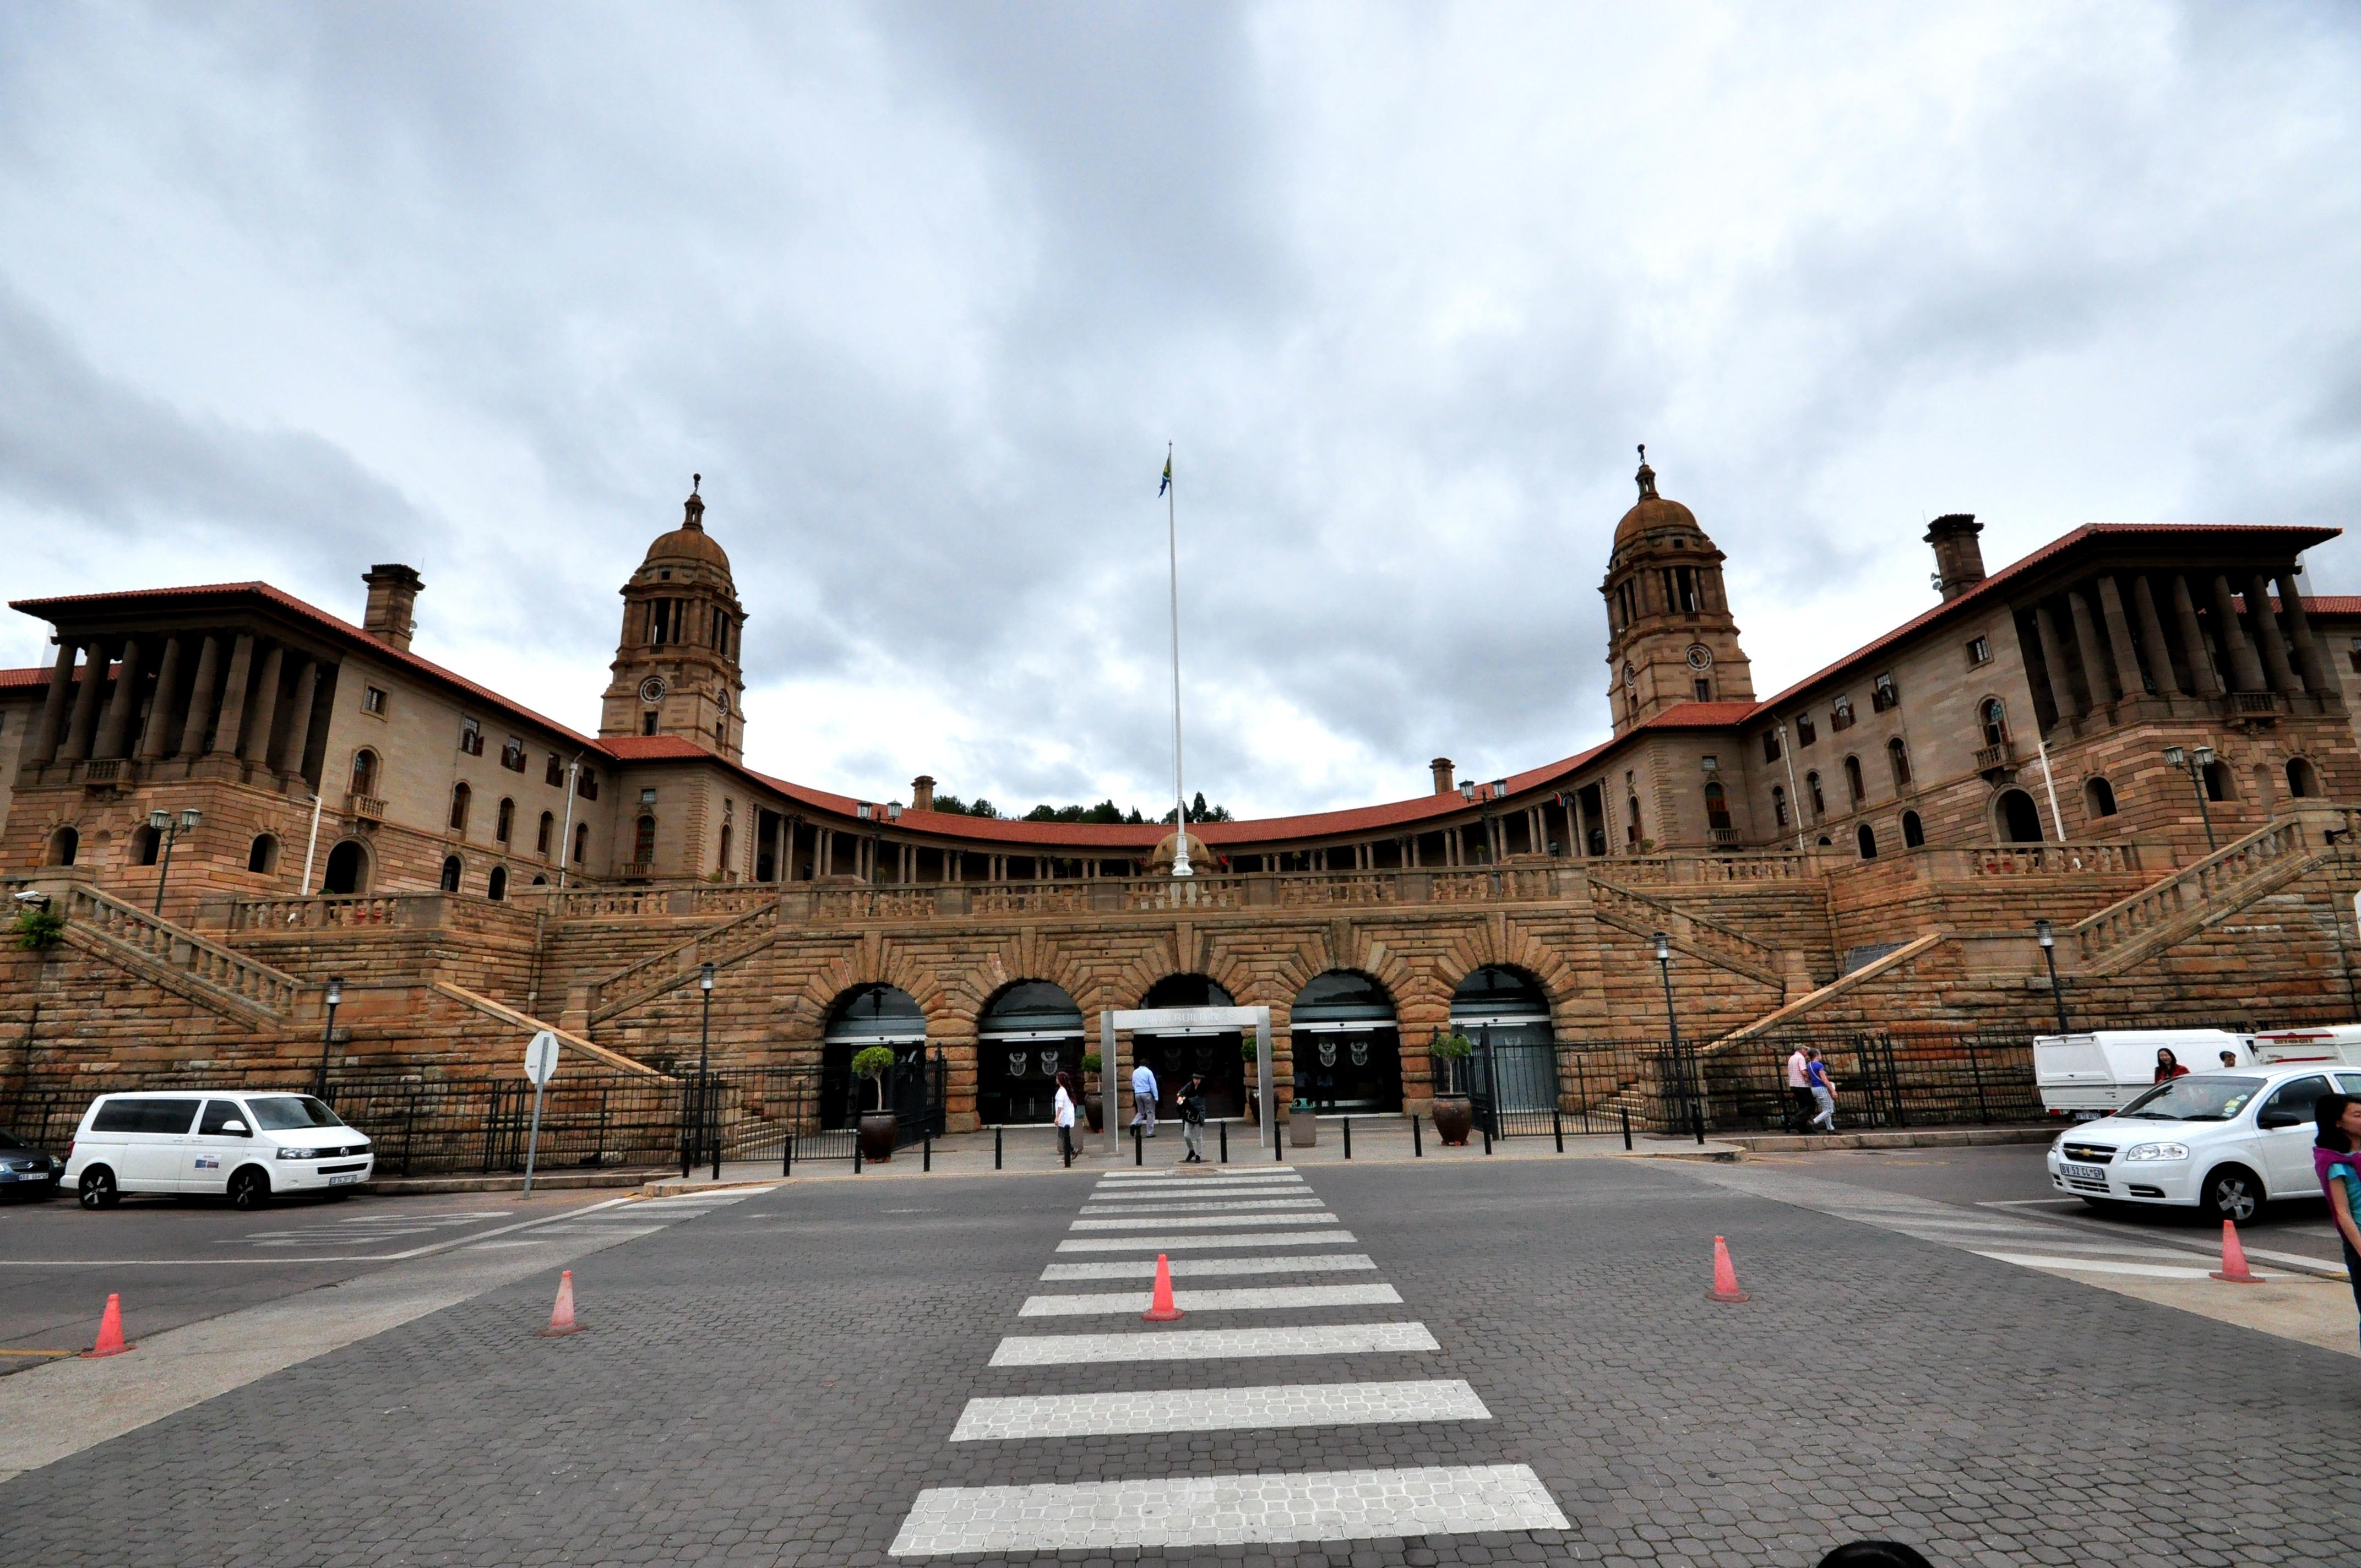 【走进南非】比陀南非总统府及联合广场(大图) - 巴林 - 巴林blog